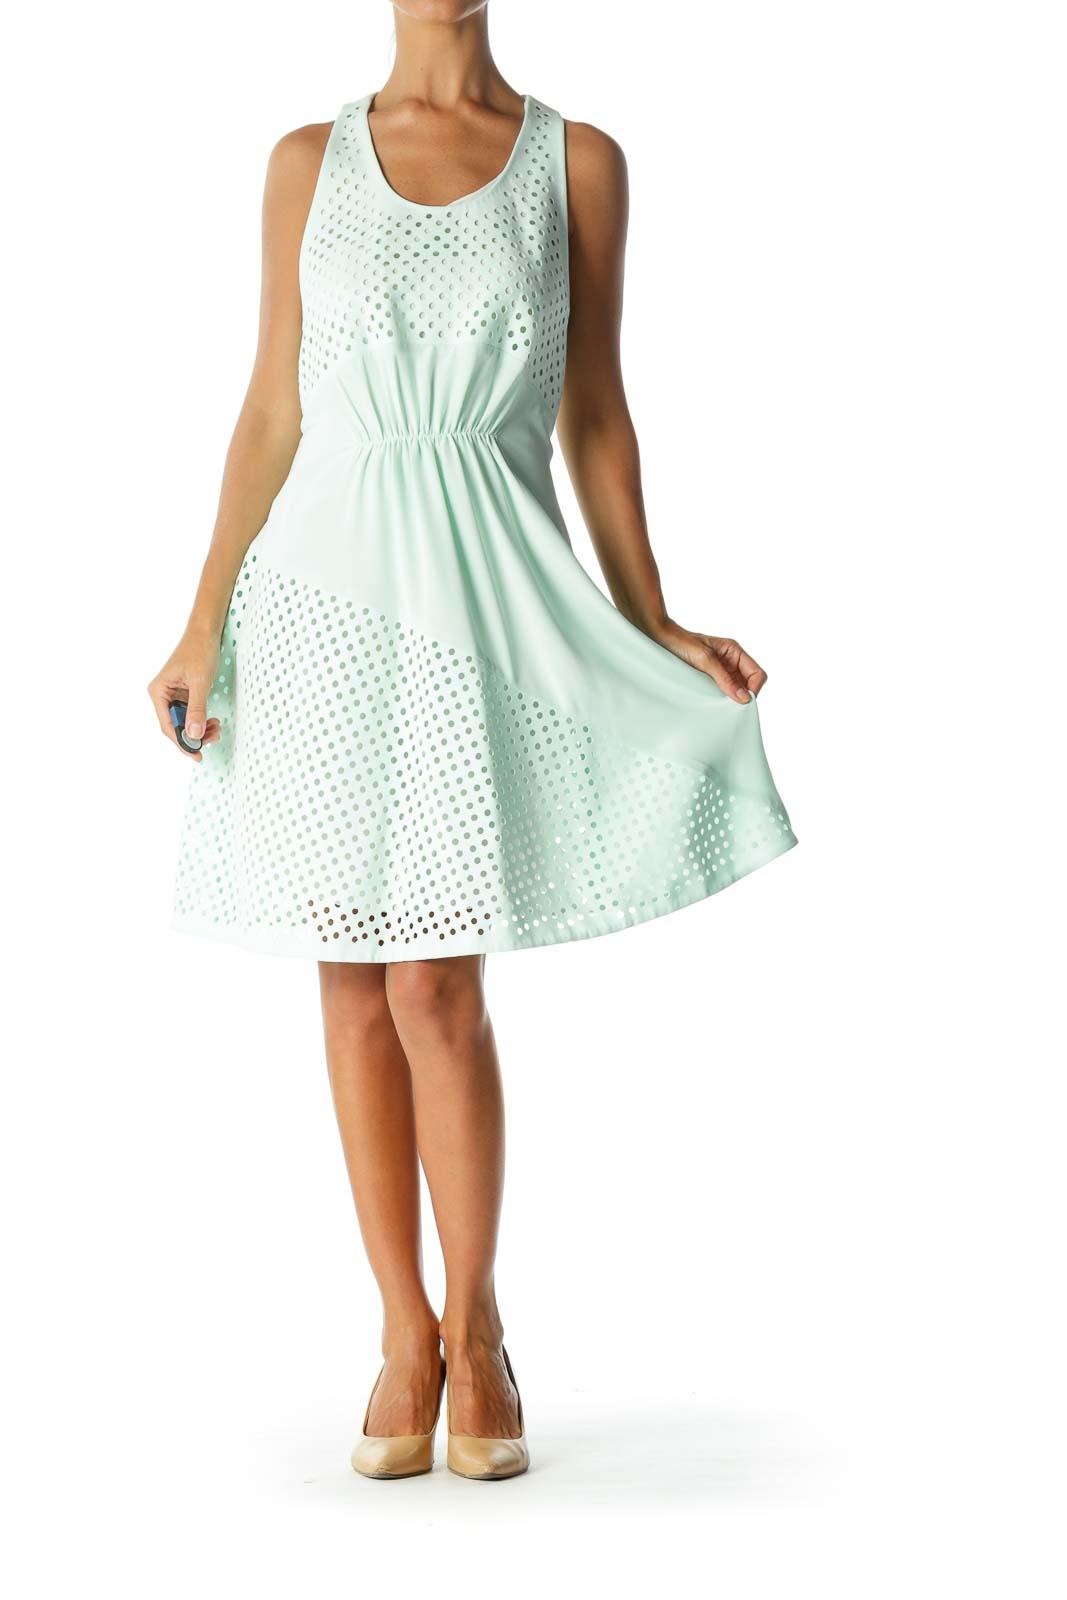 Mint Green Designer 100% Silk Circle-Cut-Out Sleeveless Day-Dress